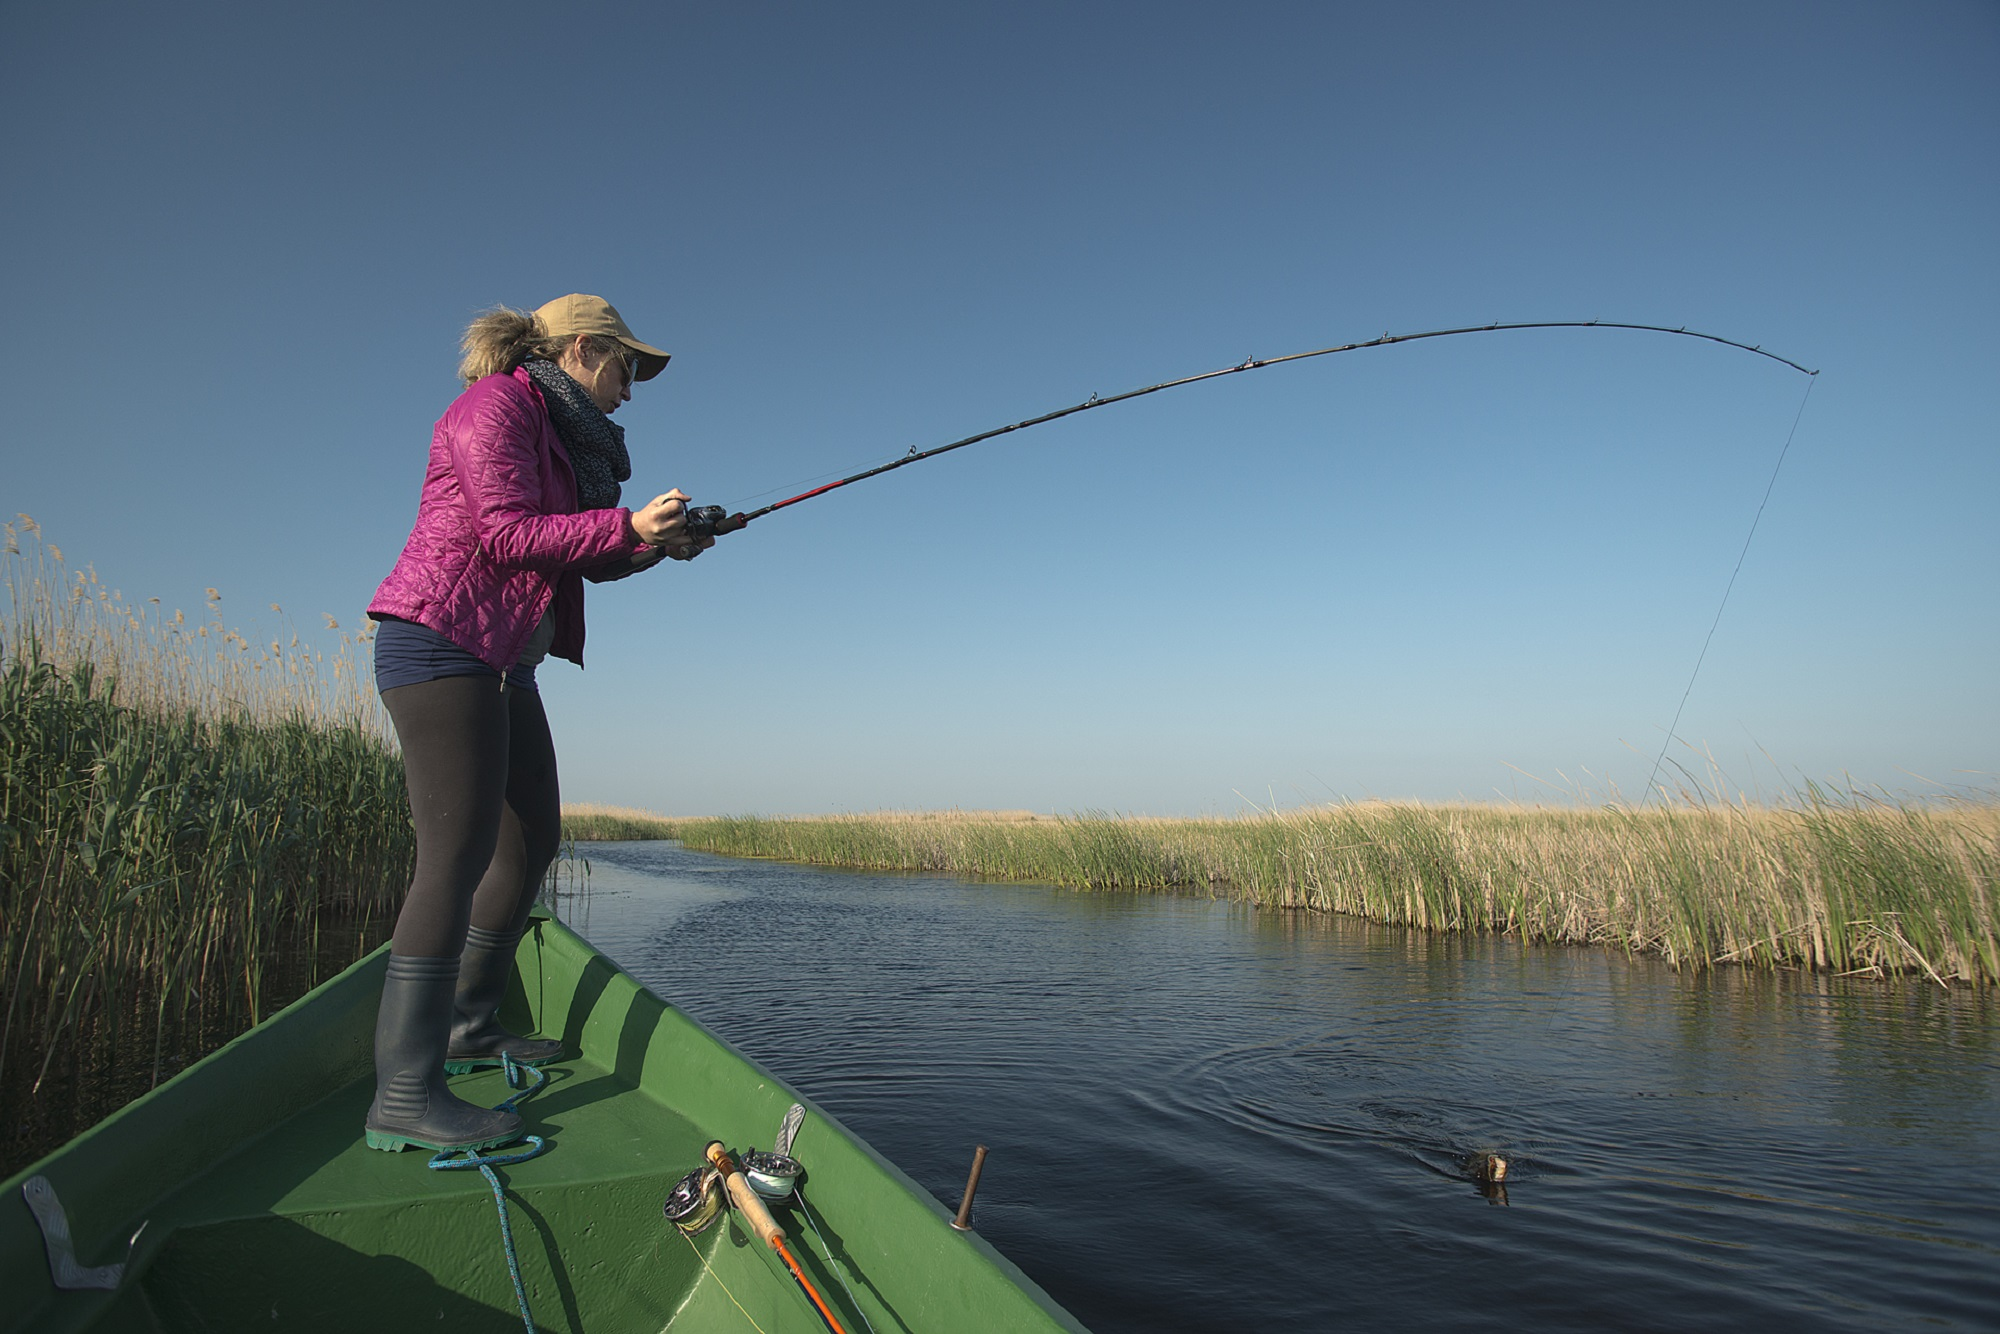 Le jeu la pêche du feutre du patron